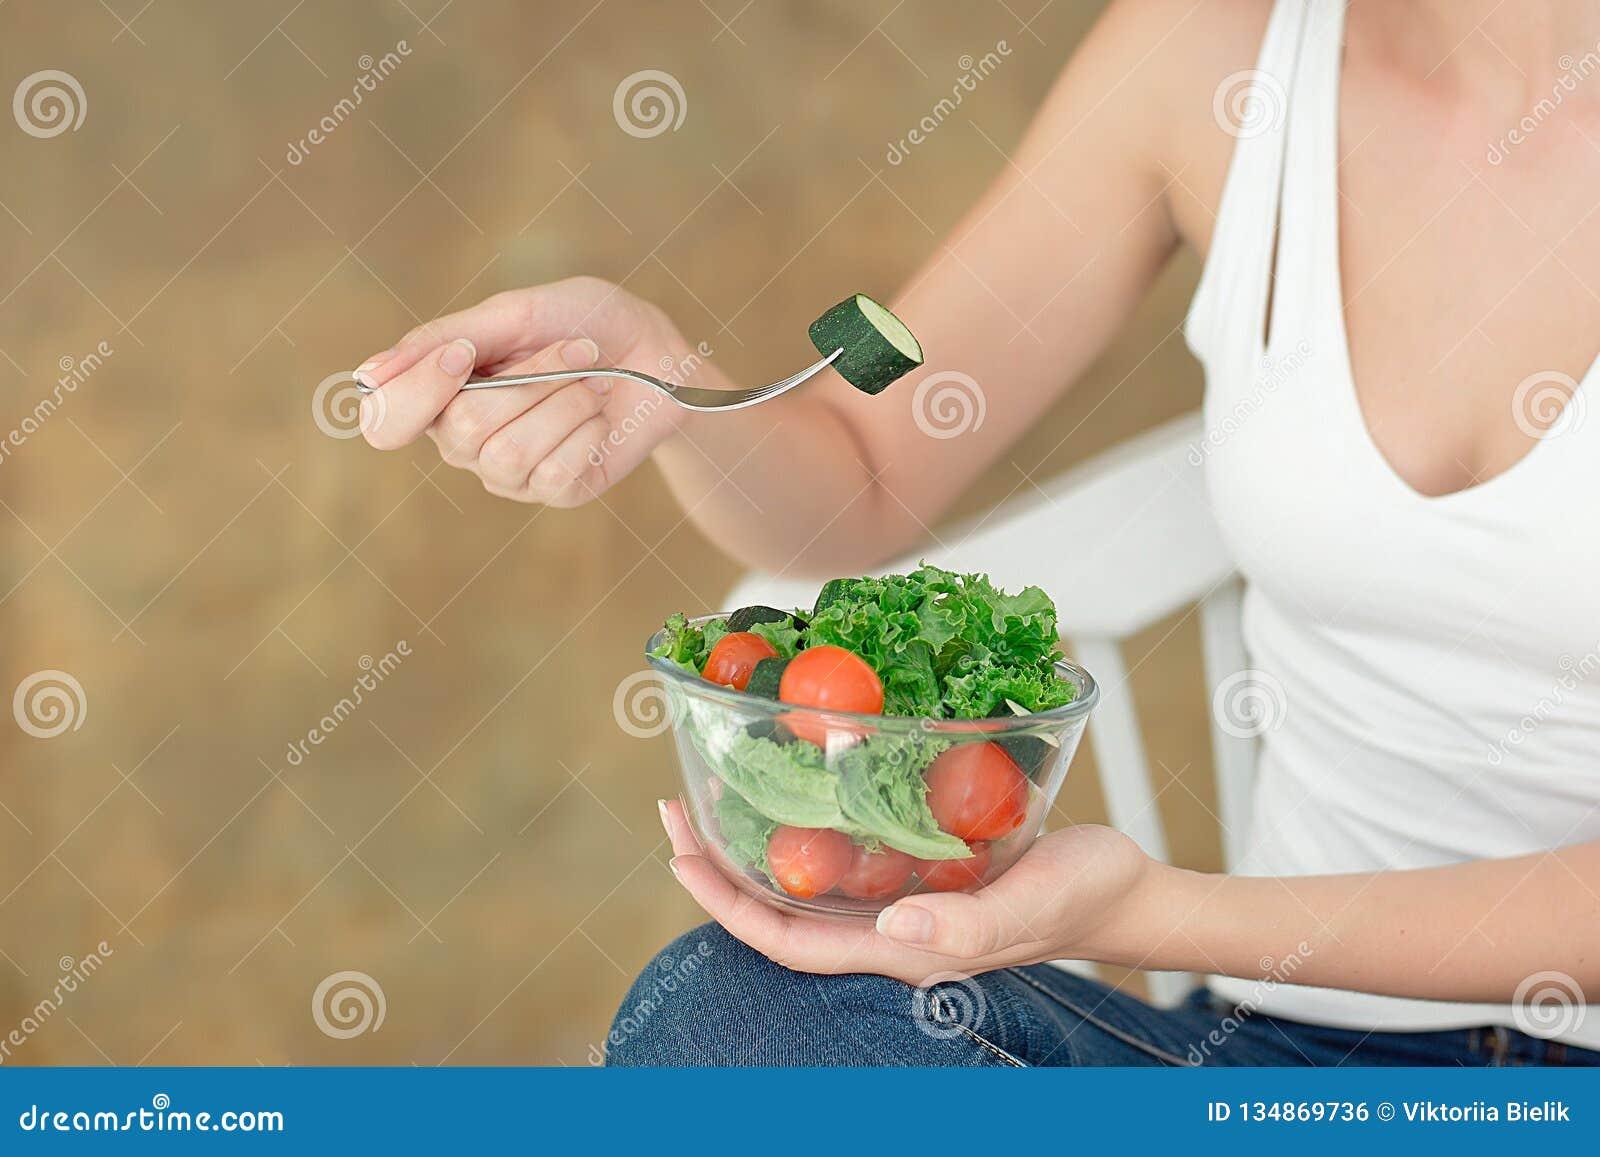 特写镜头拿着碗新鲜蔬菜沙拉的背面图妇女拿着叉子手中